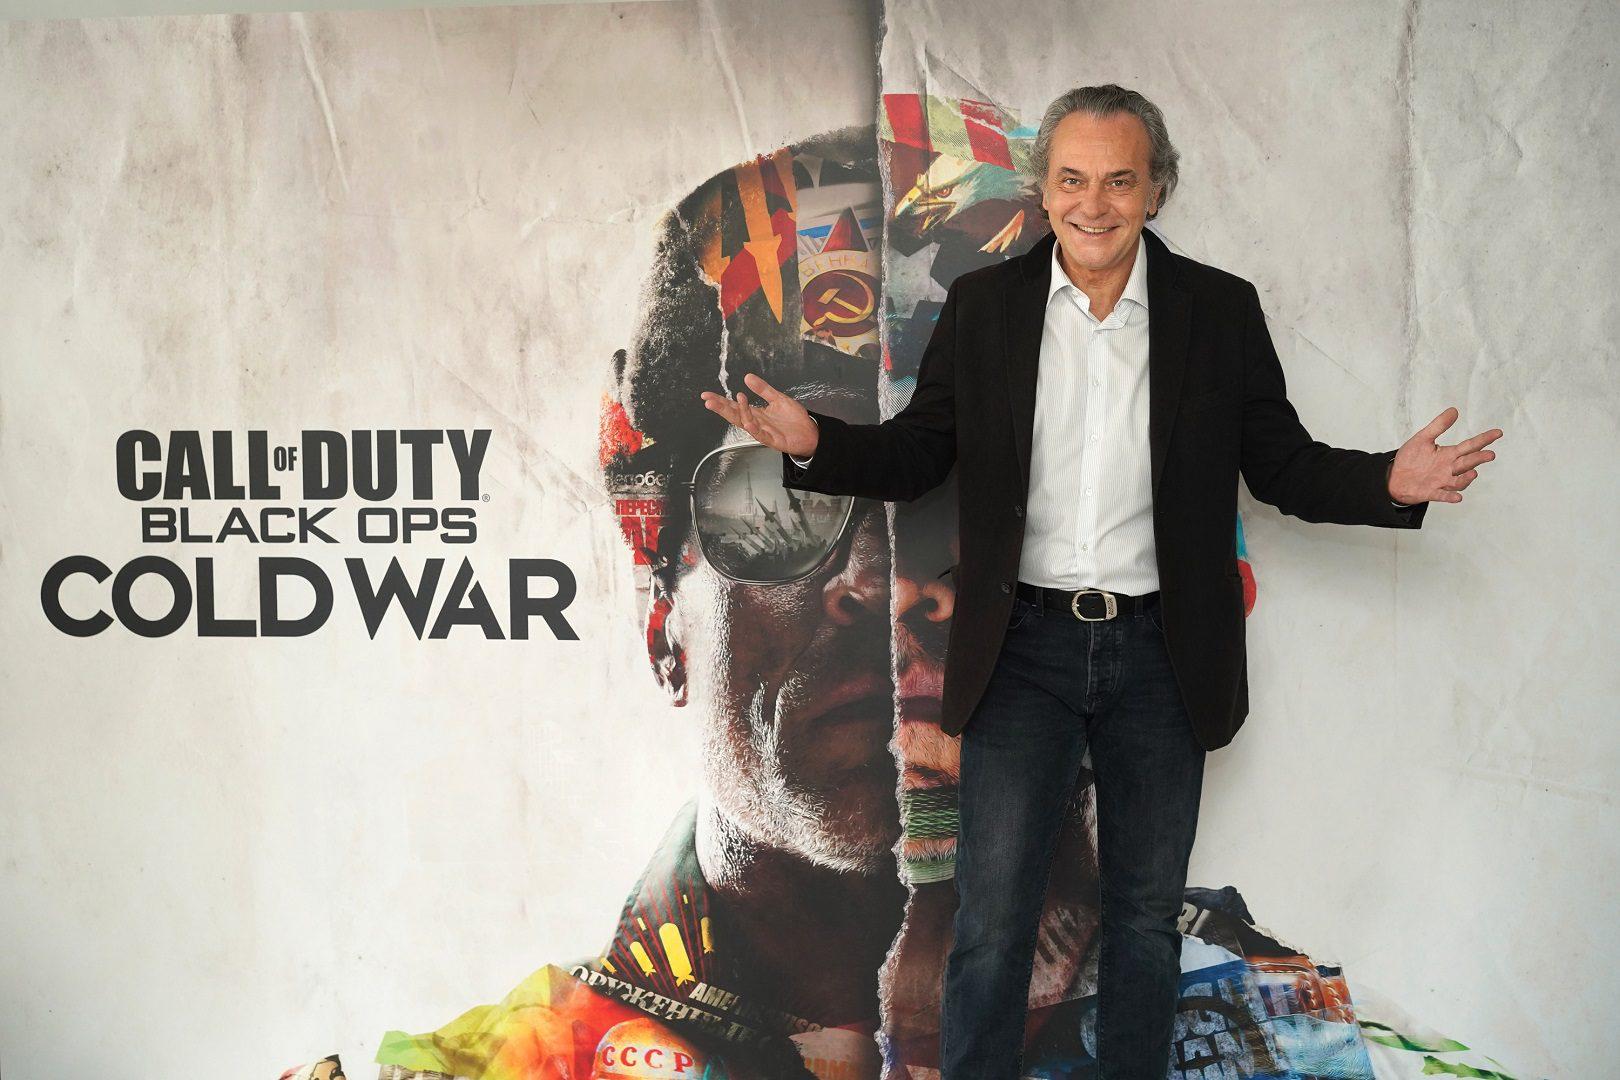 Jose Coronado pondrá voz a un personaje de Call of Duty Black Ops Cold War